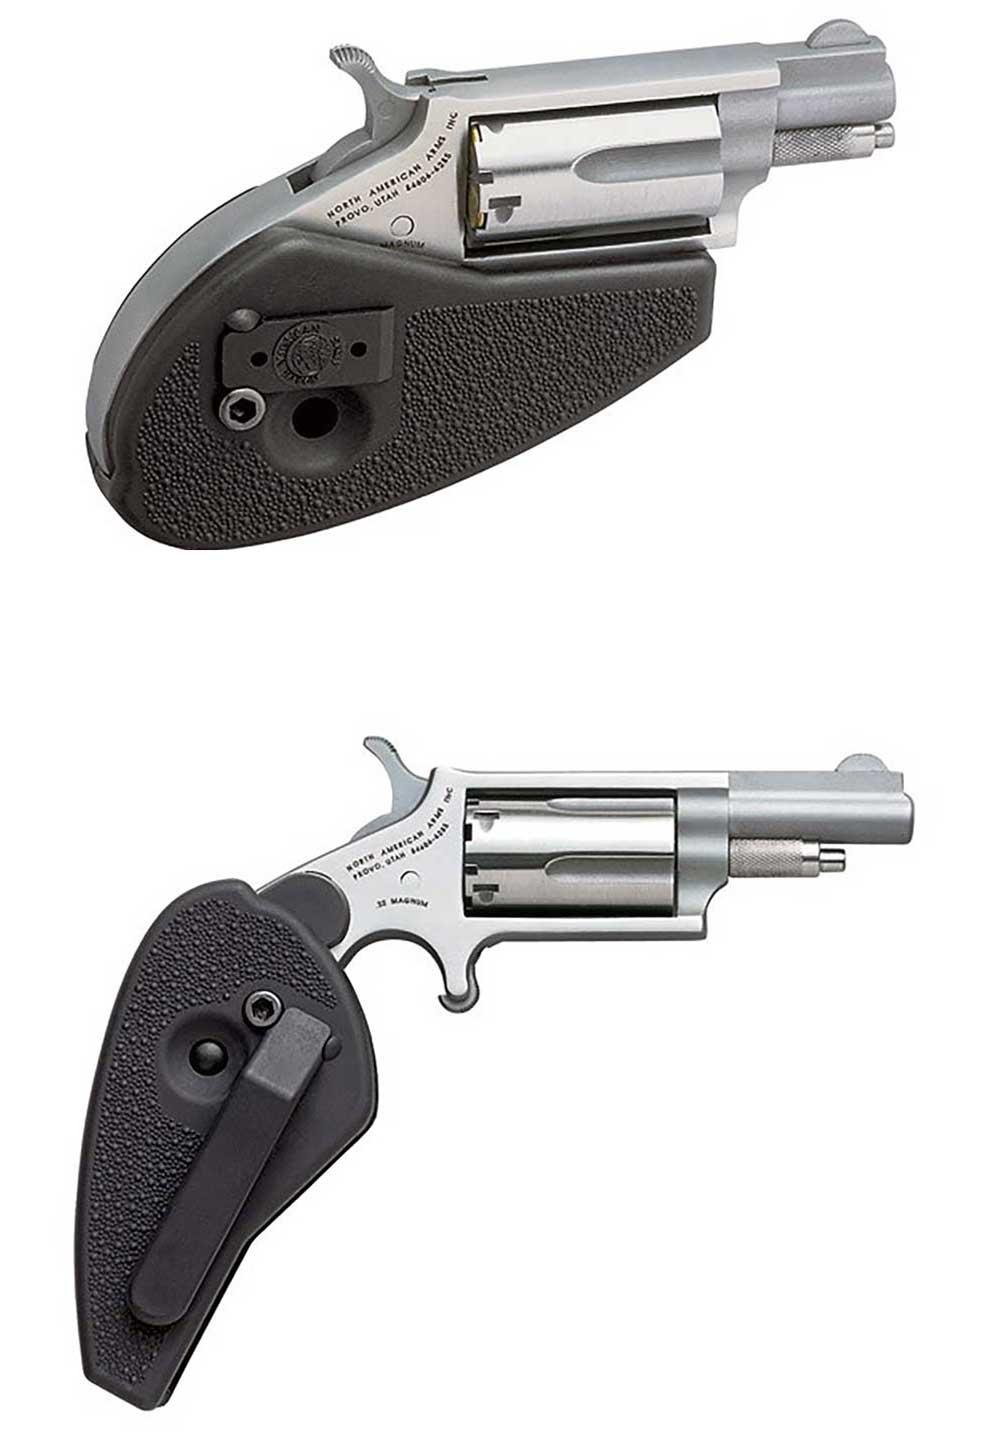 http://www.handgunsmag.com/files/2015/09/NAA-pocket-pistol-meld.jpg